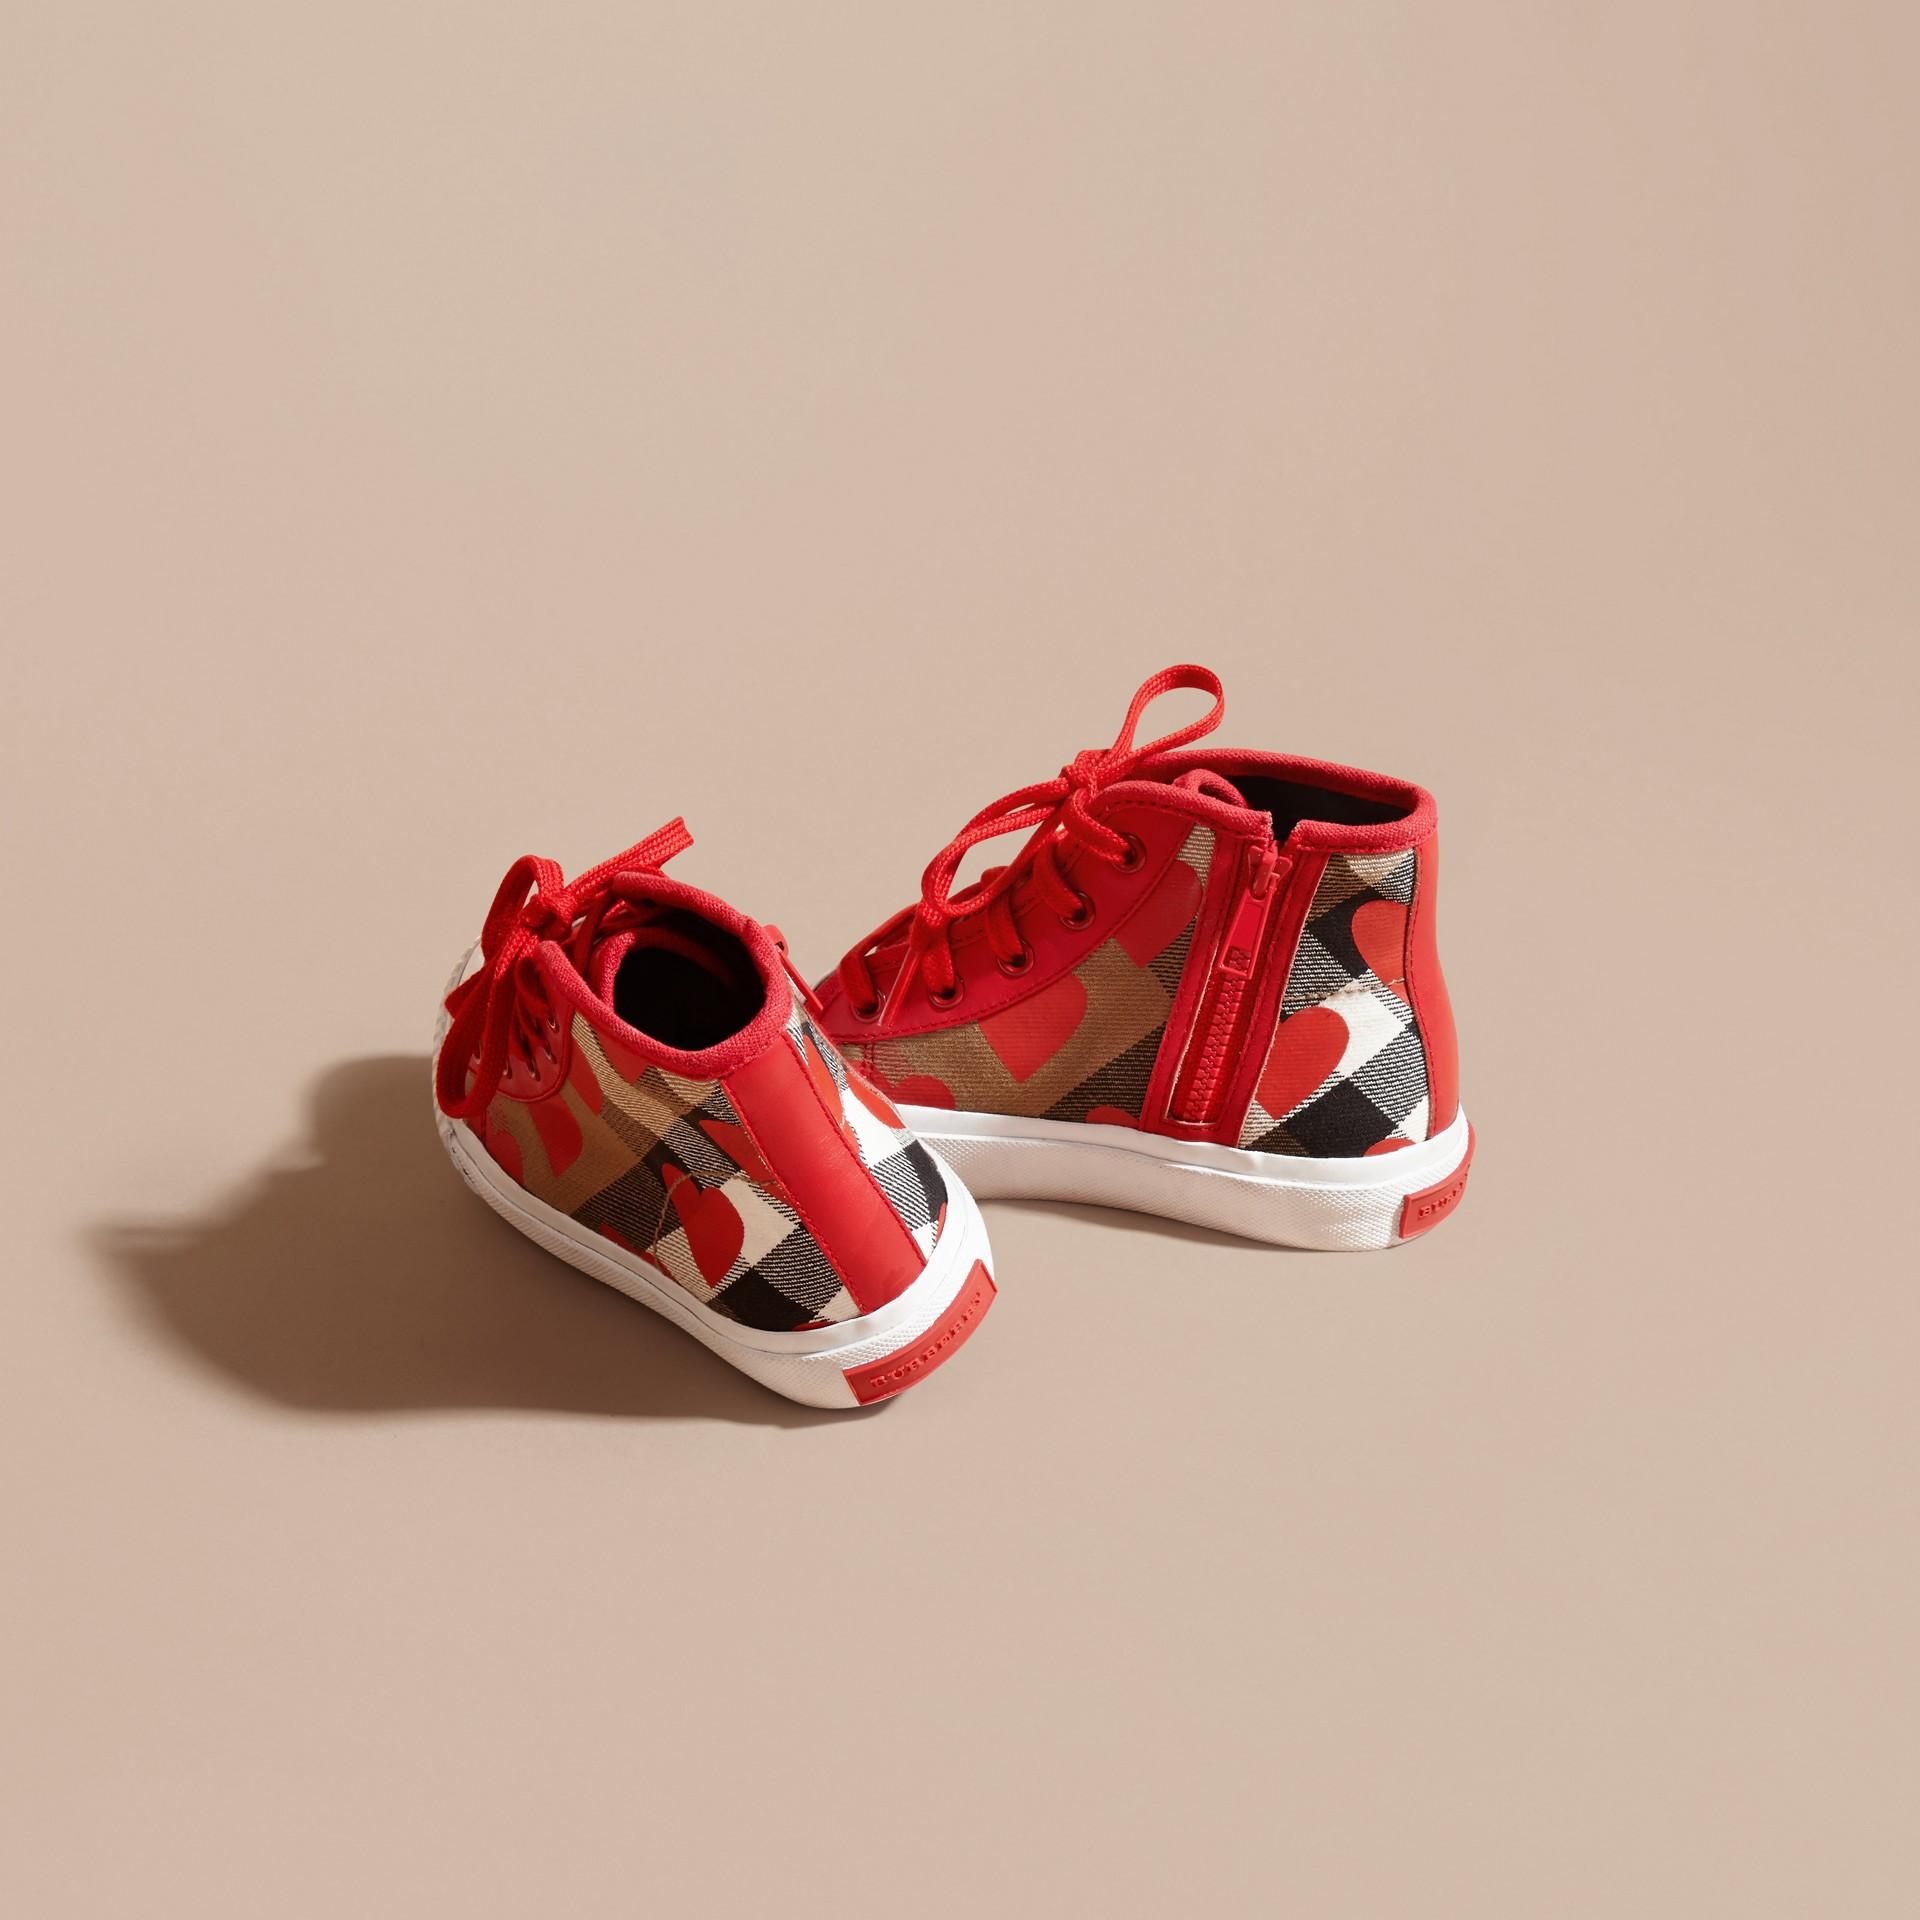 Rosso militare Sneaker alte con motivo check, stampa a pois e finiture in pelle Rosso Militare - immagine della galleria 4